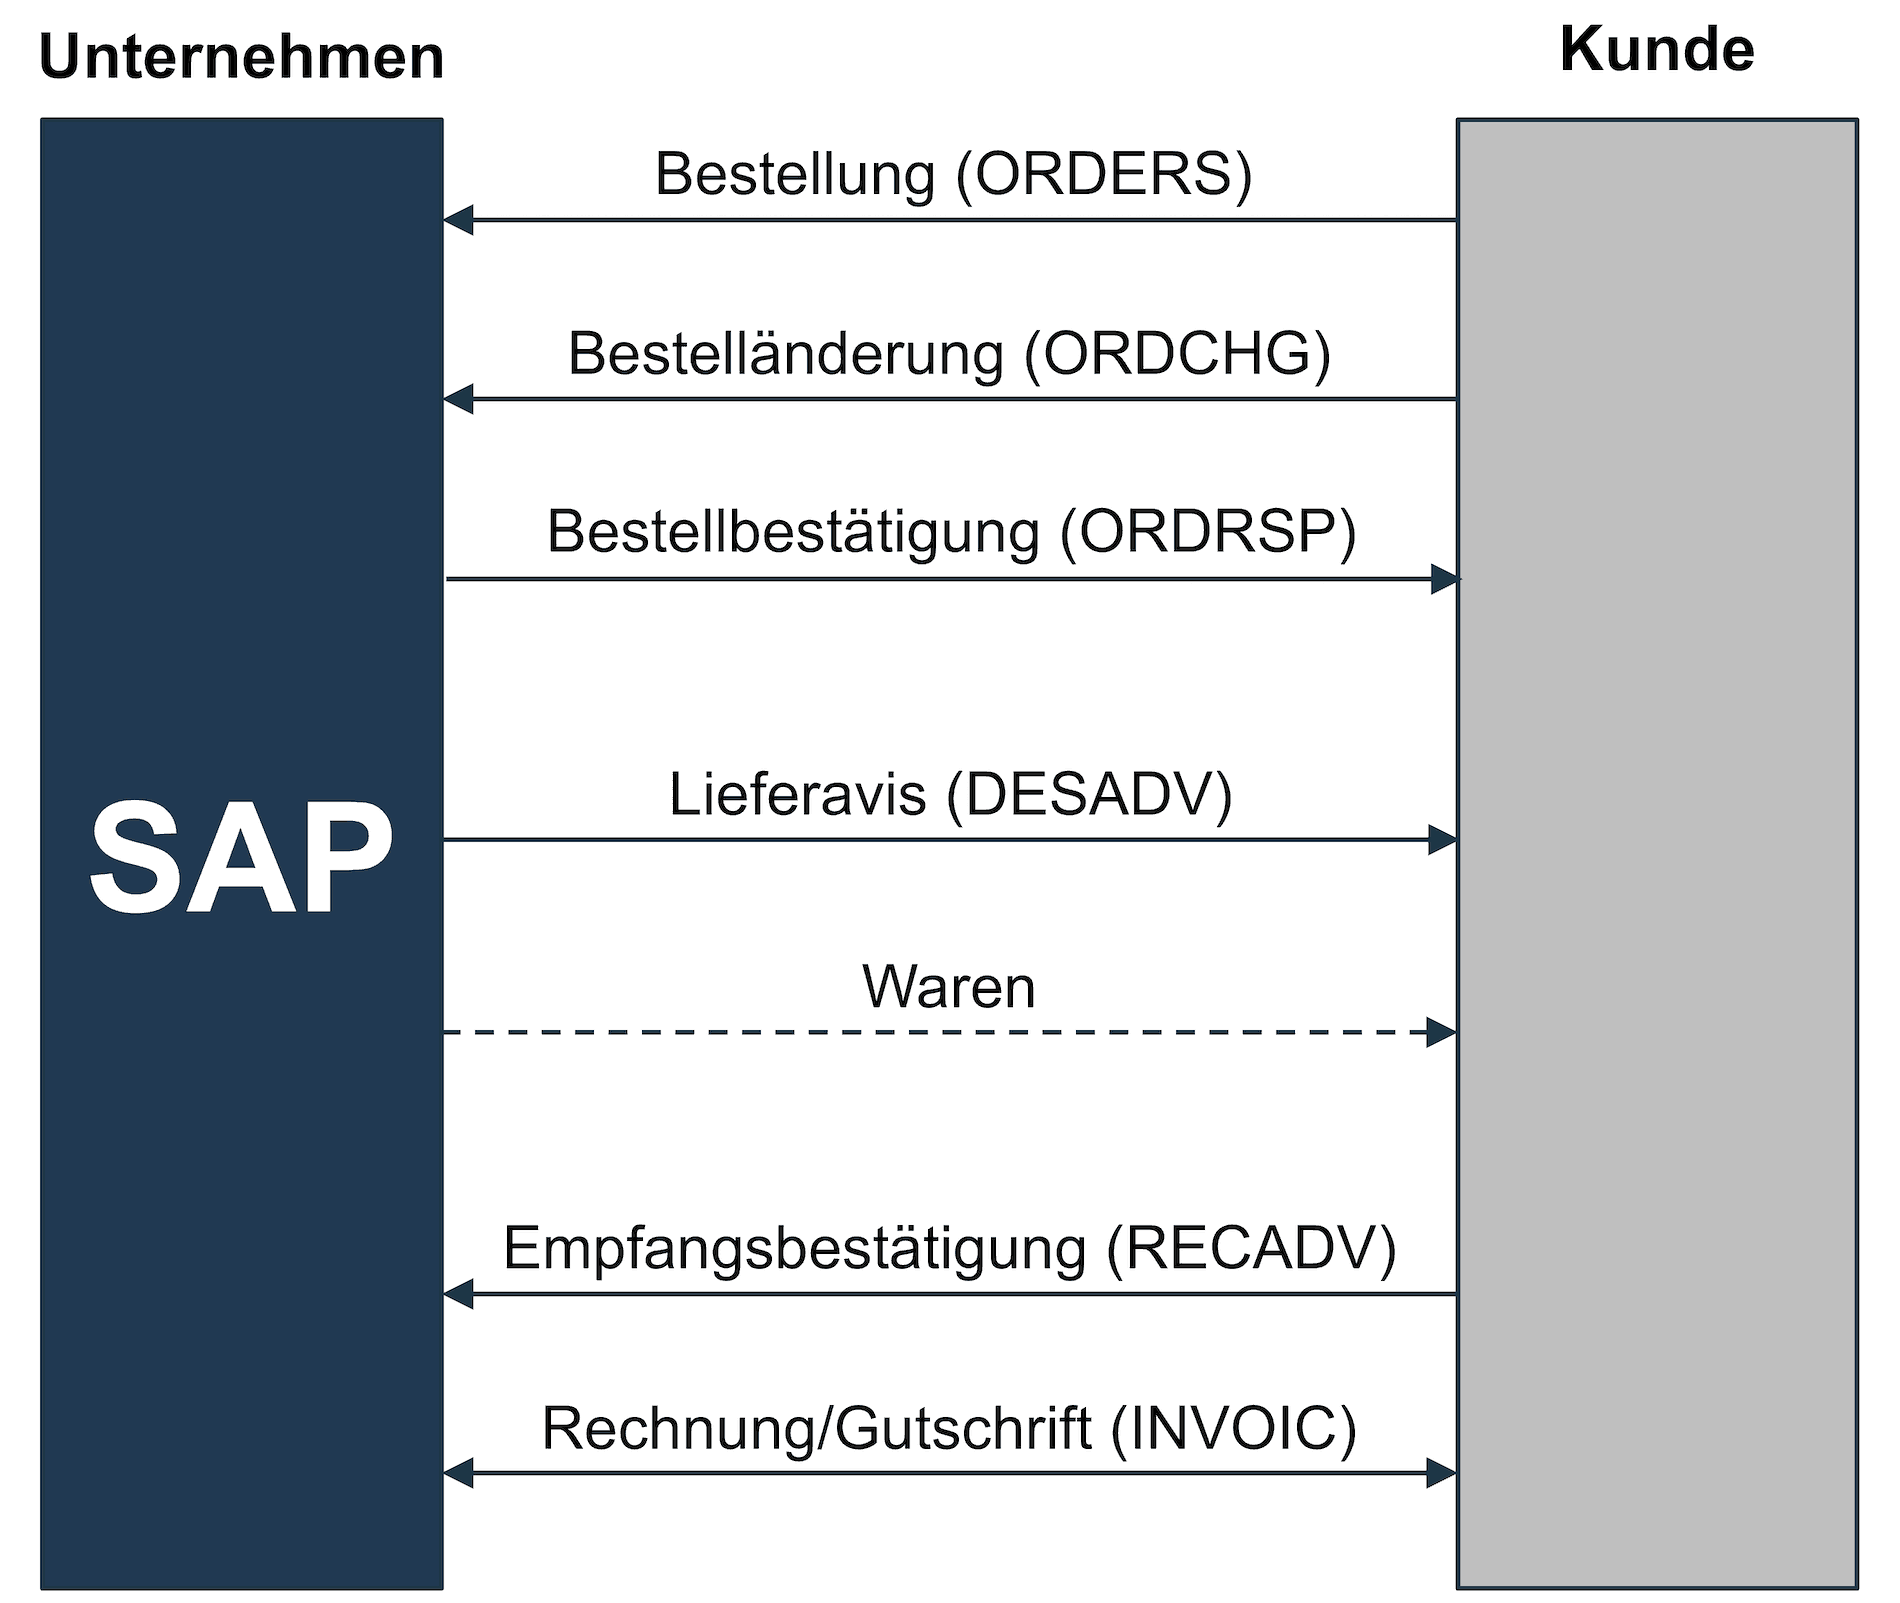 SD-Referenzprozess auf Basis von Purchase Orders